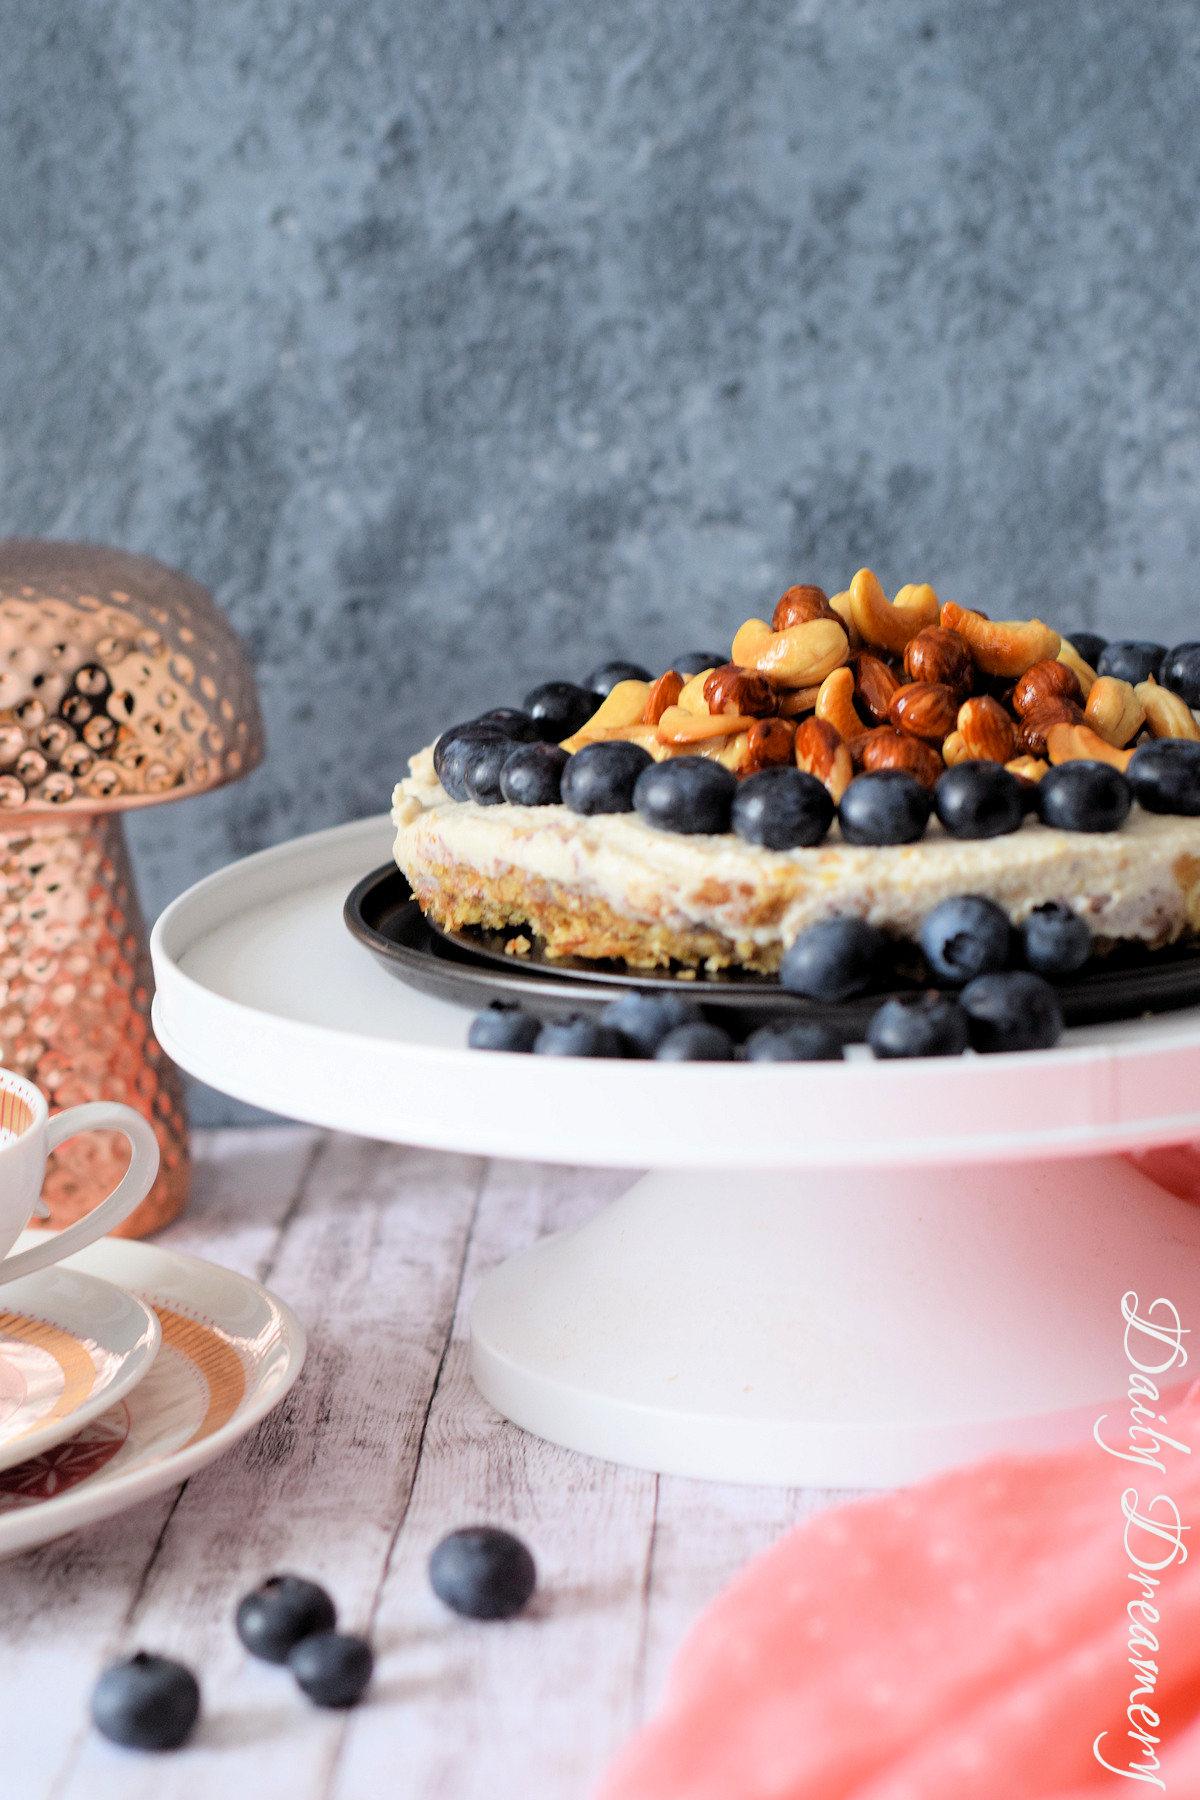 veganer No-Bake-Cheesecake mit karamellisierten Nüssen - roh, vegan, clean und superlecker